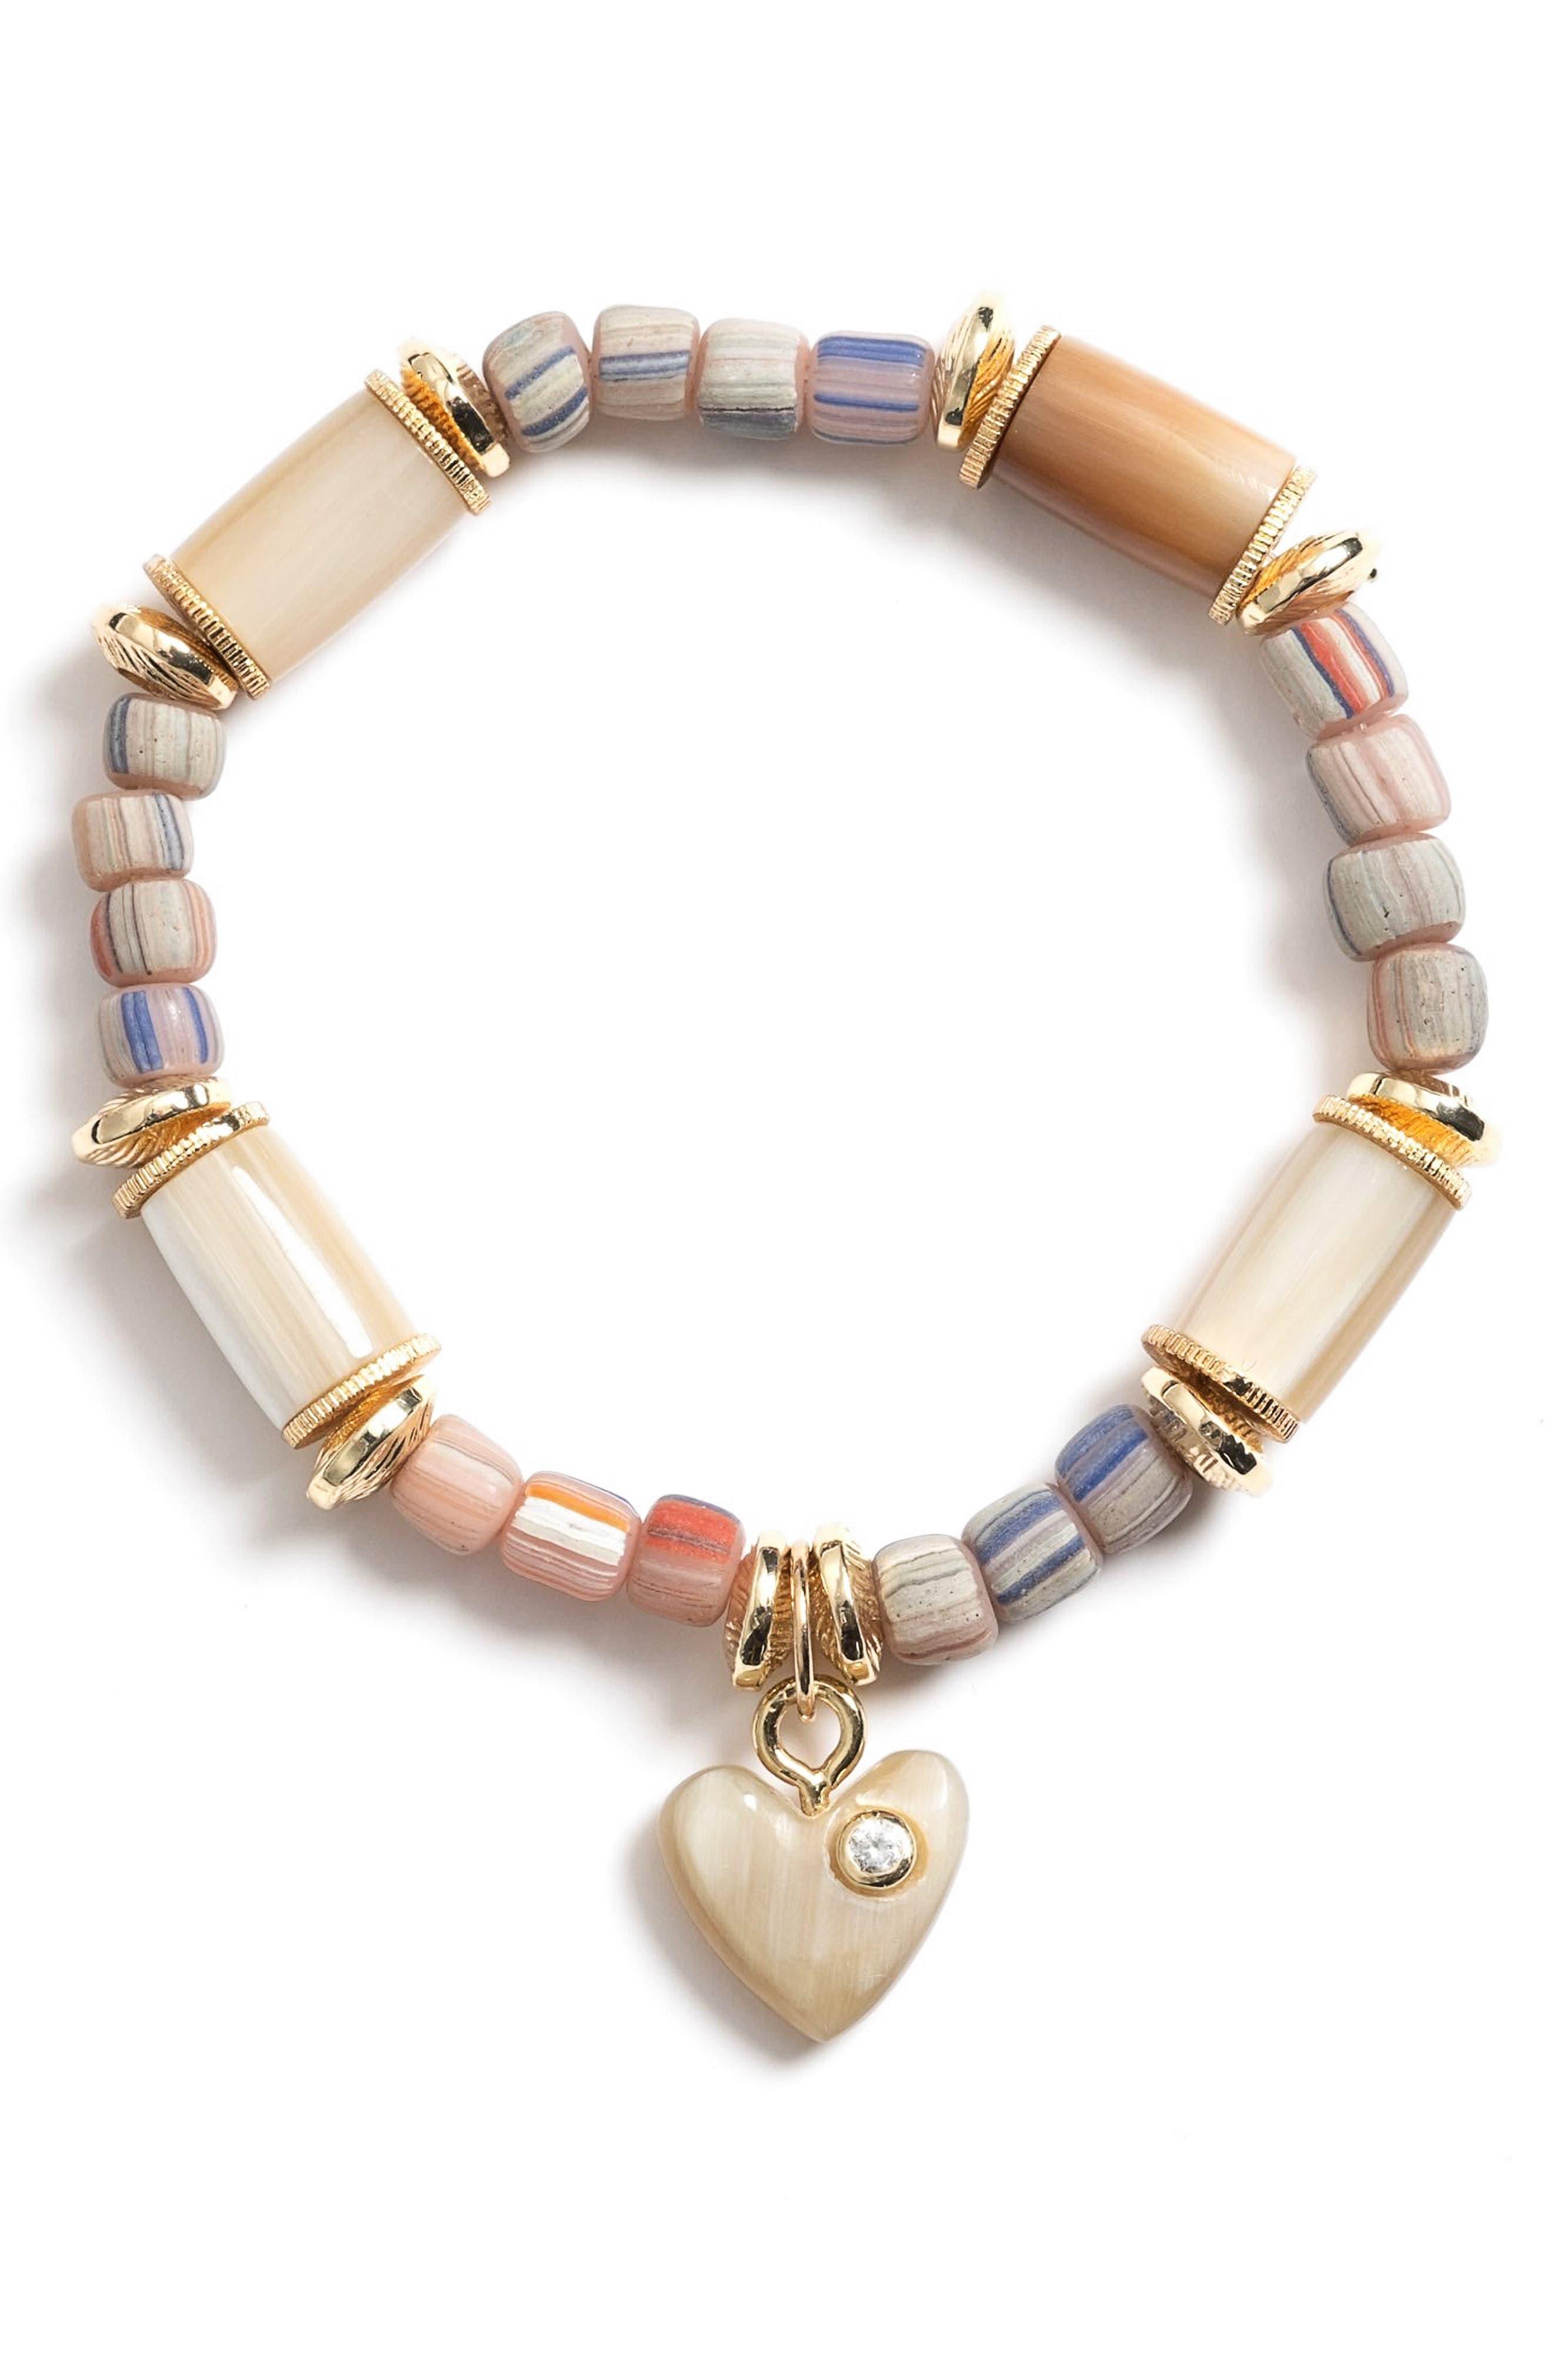 Jasmine Heart Charm Beaded Stretch Bracelet